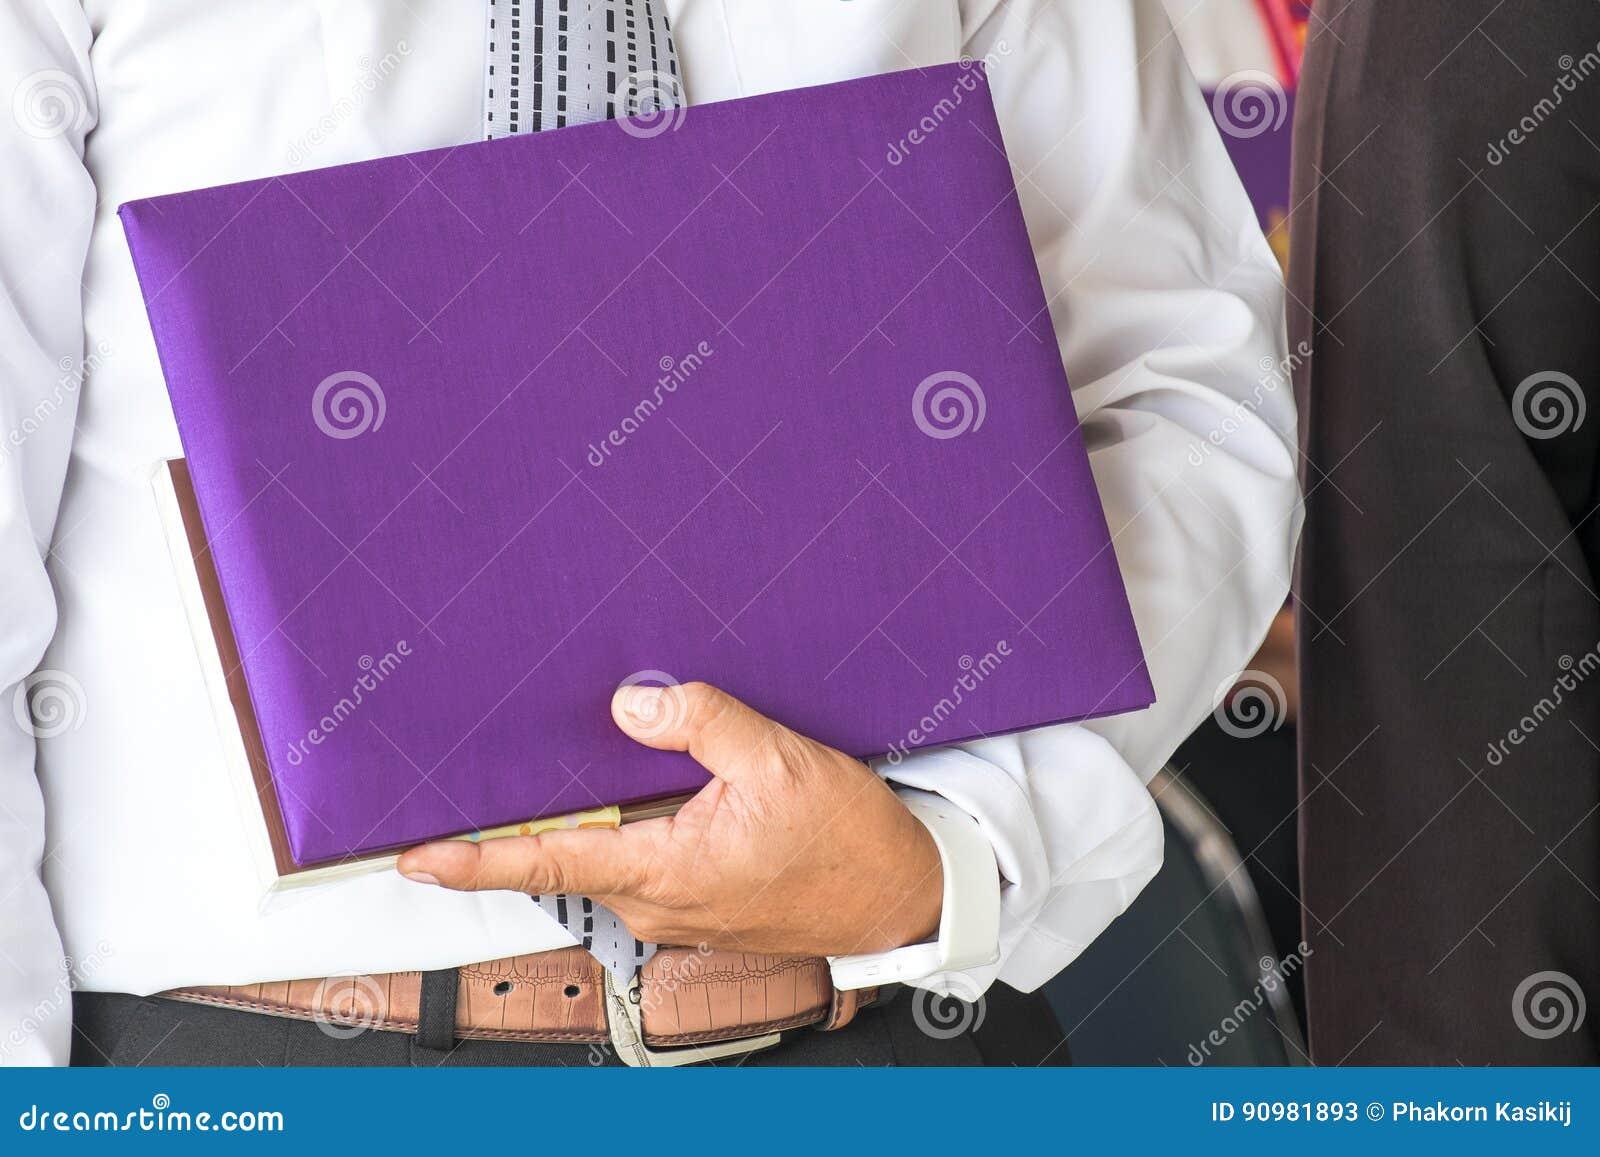 Calibre vide de certificat avec la couverture en soie pourpre de haute qualité